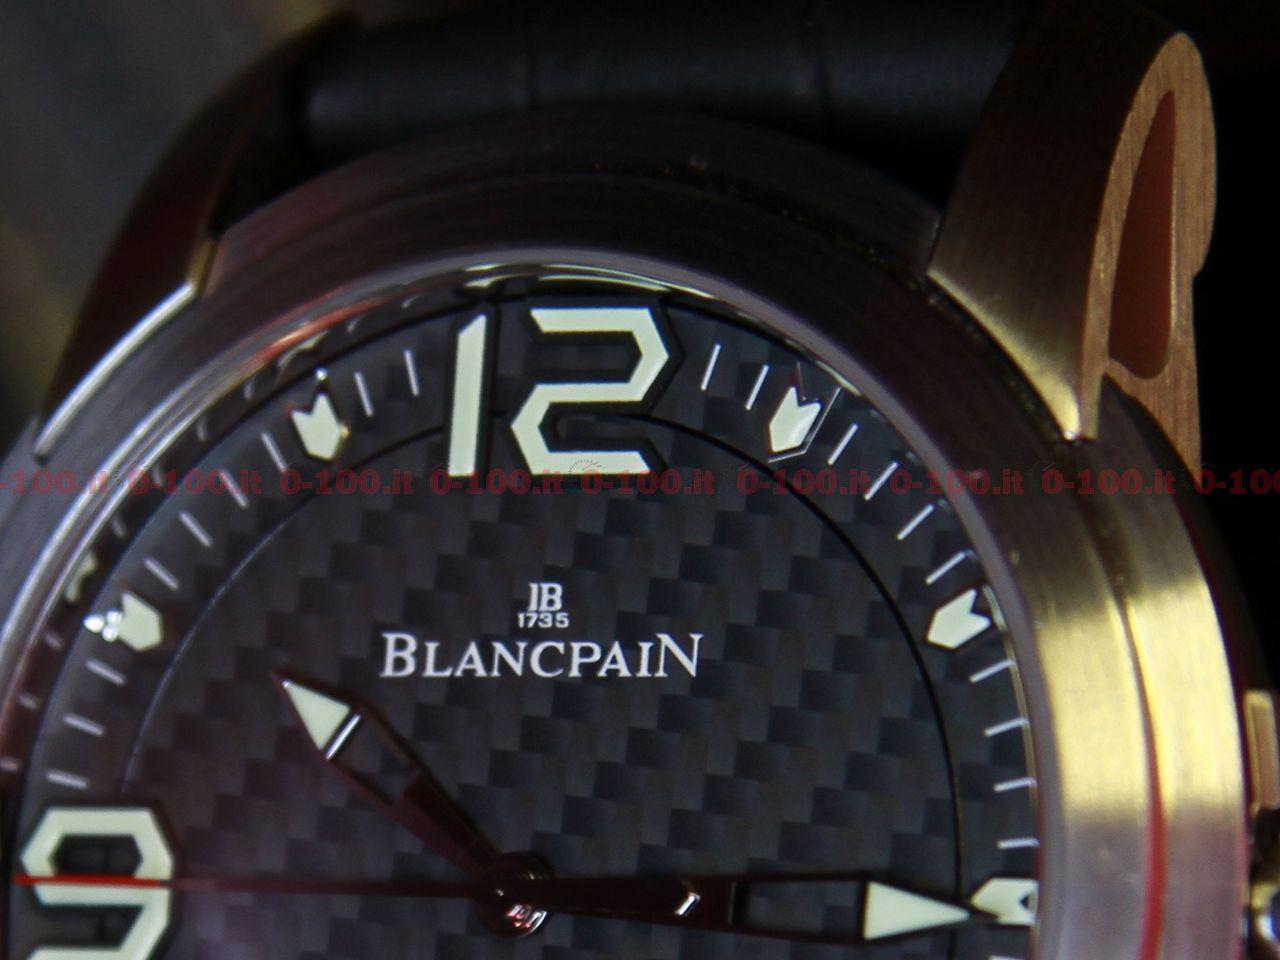 blancpain_gt_Series-monza-2017_blancpain-l-evolution-r10_0-100_36